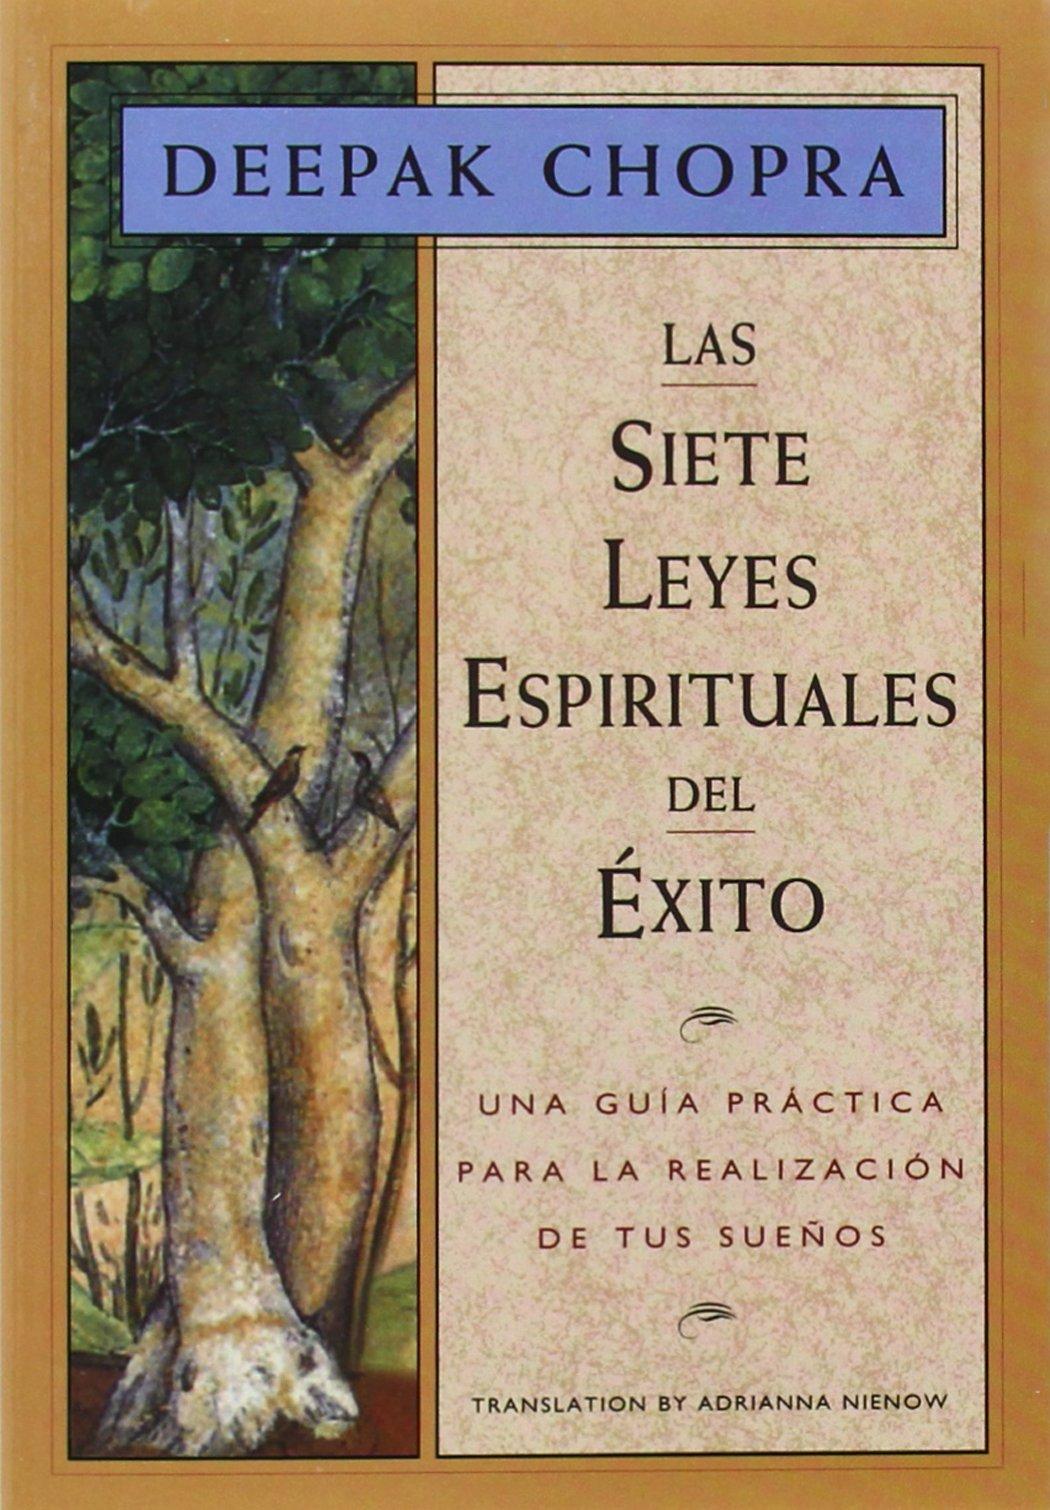 Las siete leyes espirituales del exito: Una guia practica para la realizacion de tus suenos, The Seven Spiritual Laws of Success, Spanish-Language Edition (Chopra, Deepak)